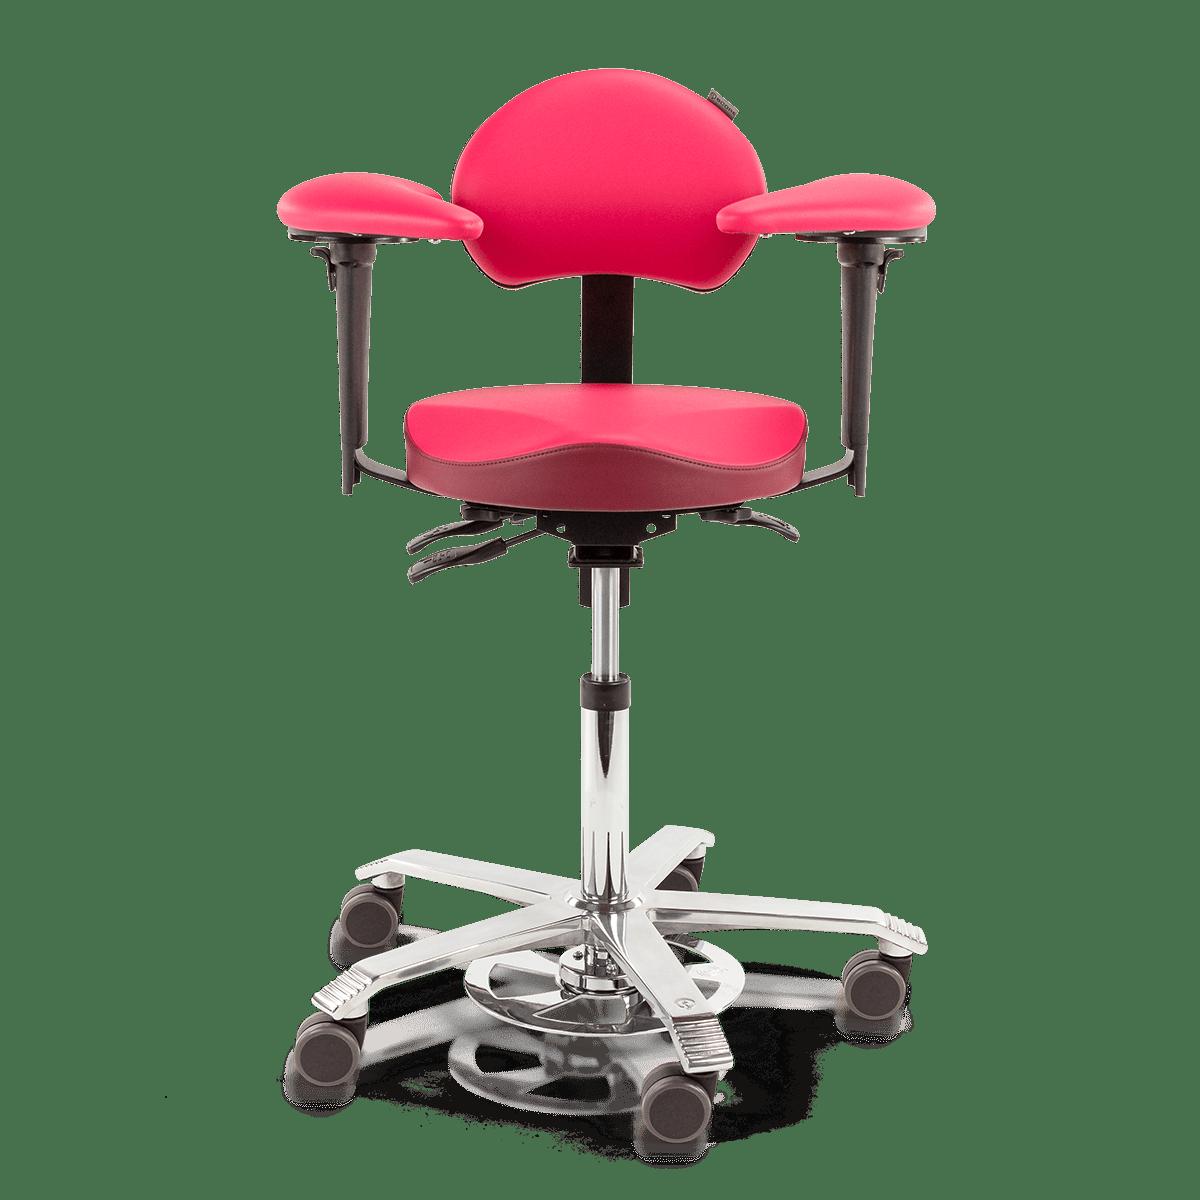 Ergo-support-neig-stsk-bicol-pink-orchid-burgundy-red-alu-70-voetbed-lendest23{{1571315273430}}